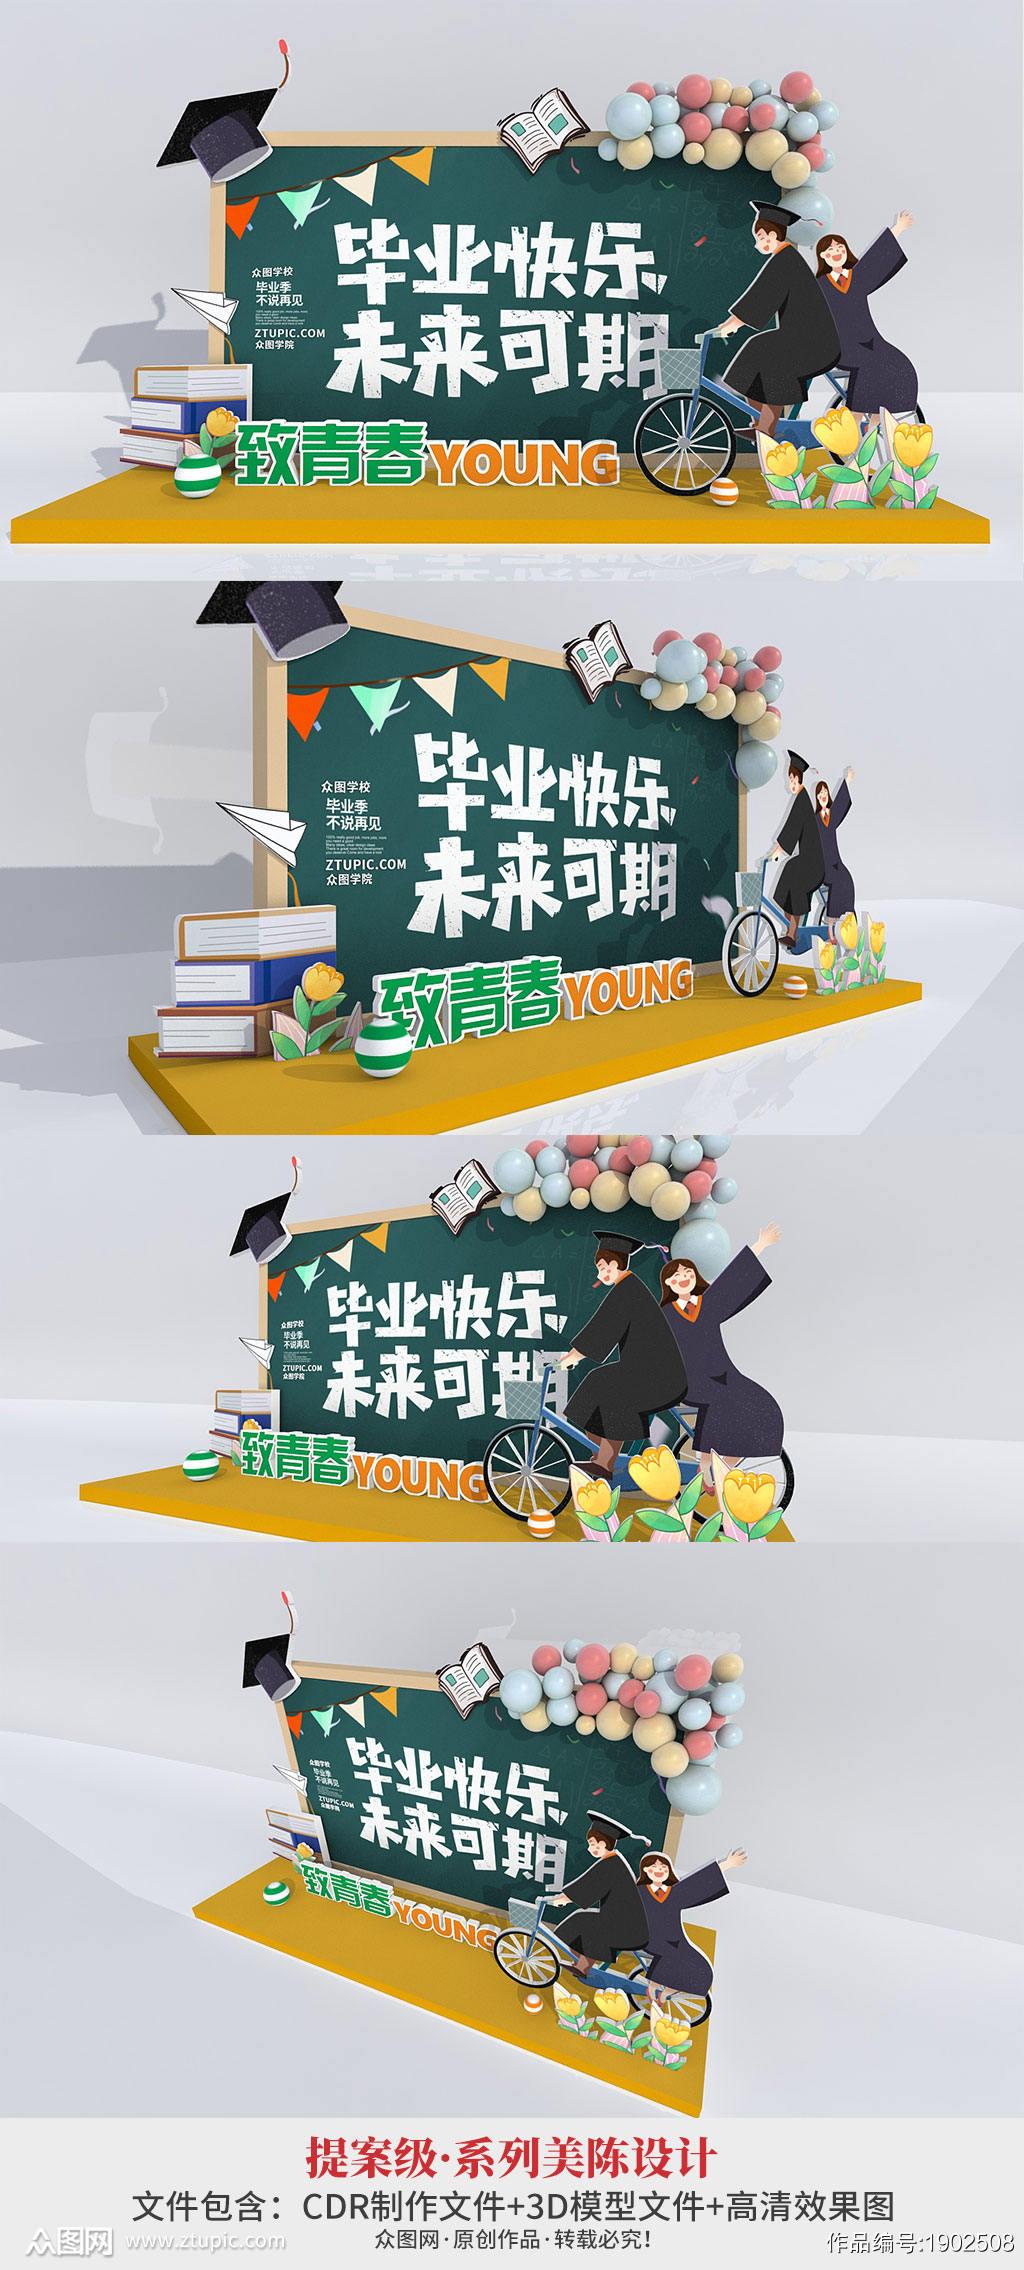 网红校园大学毕业季美陈设计素材